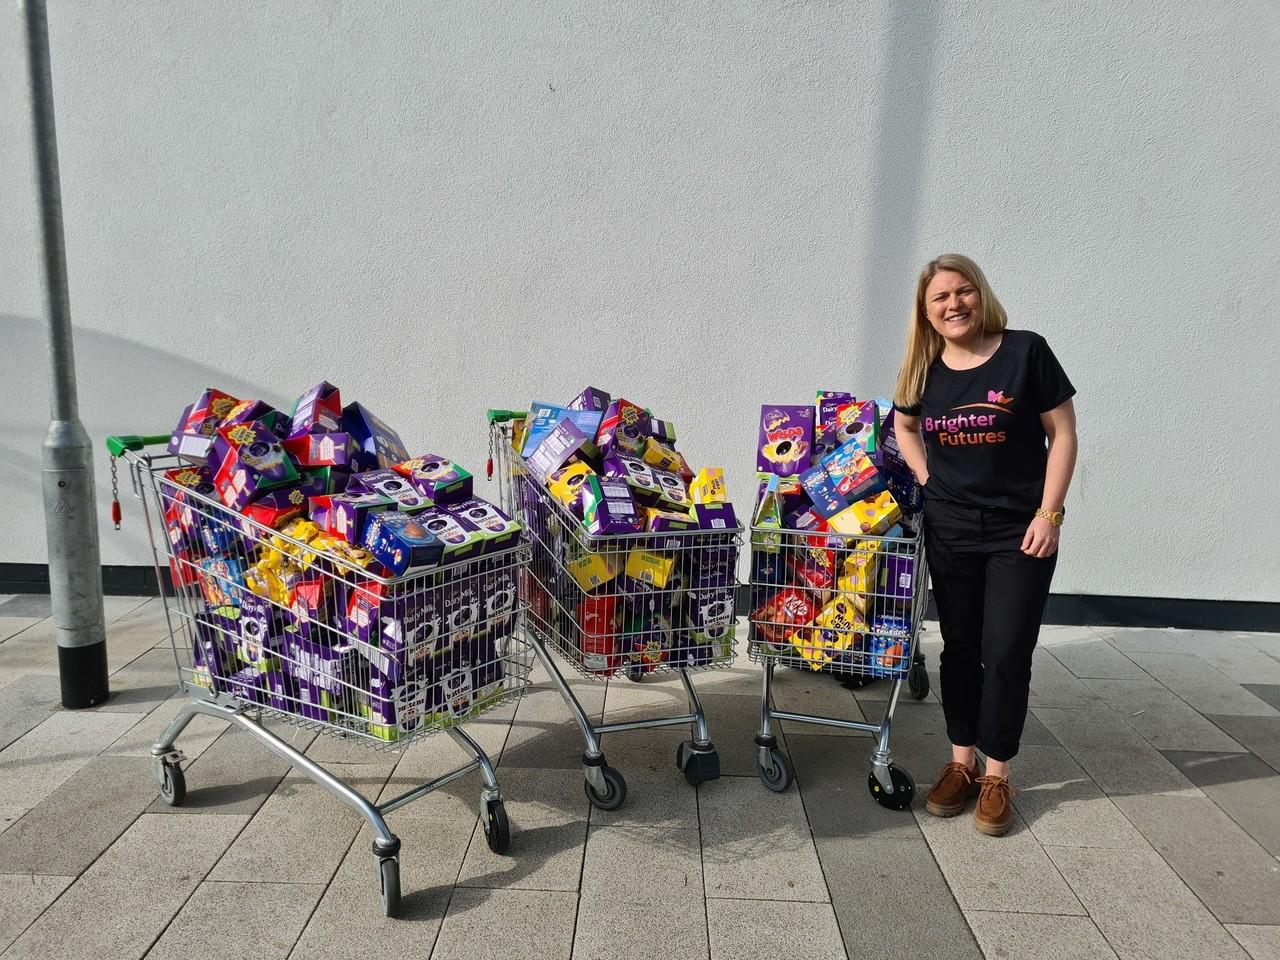 Customer Easter egg giving | Asda West Swindon